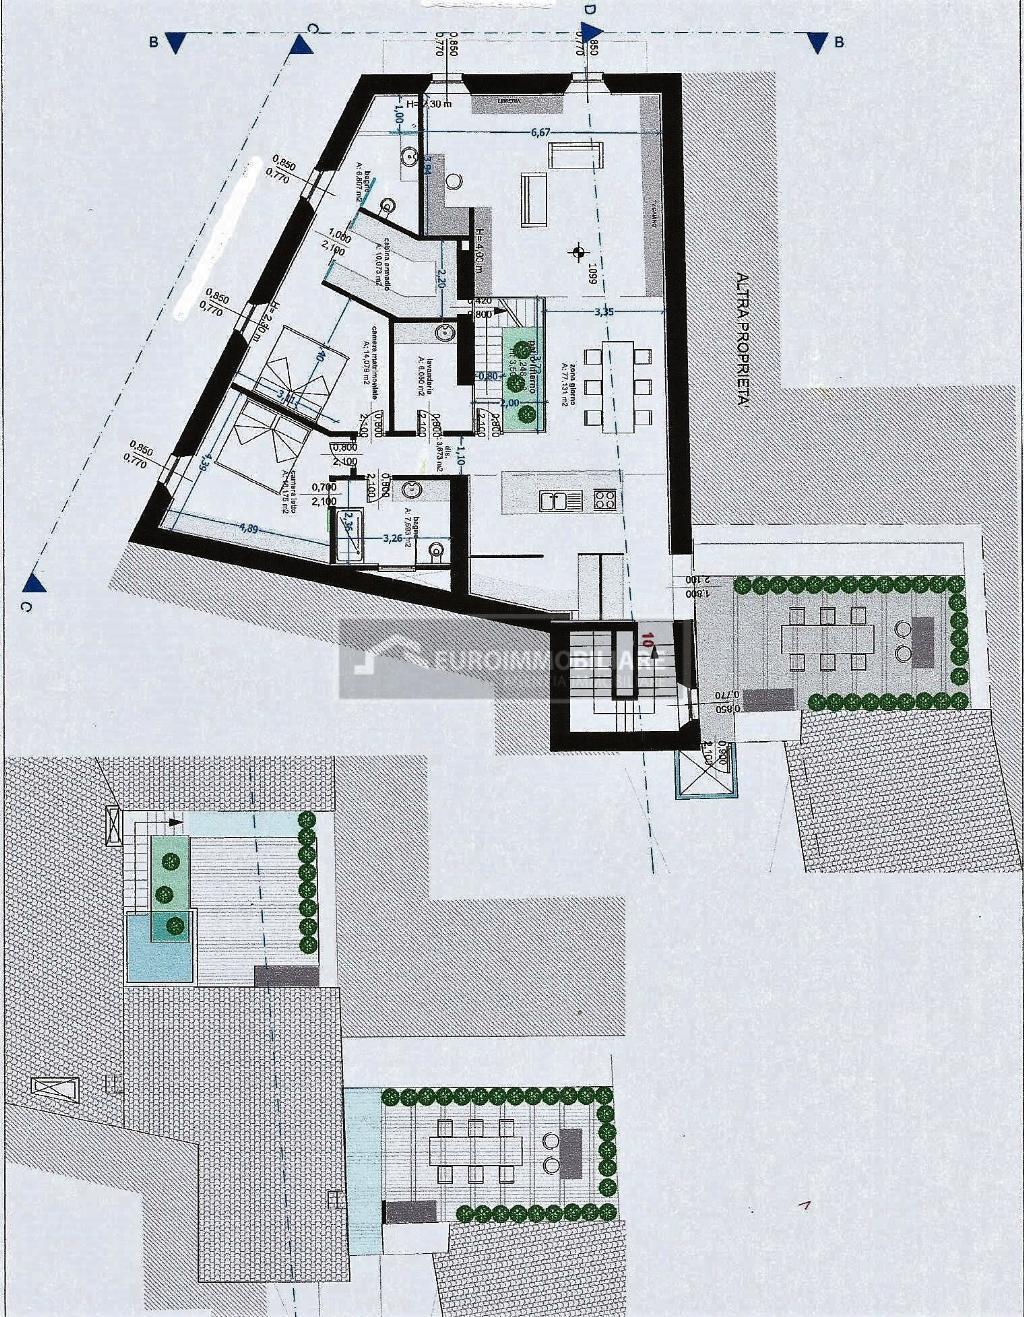 Attico / Mansarda in vendita a Desenzano del Garda, 5 locali, prezzo € 1.600.000 | PortaleAgenzieImmobiliari.it